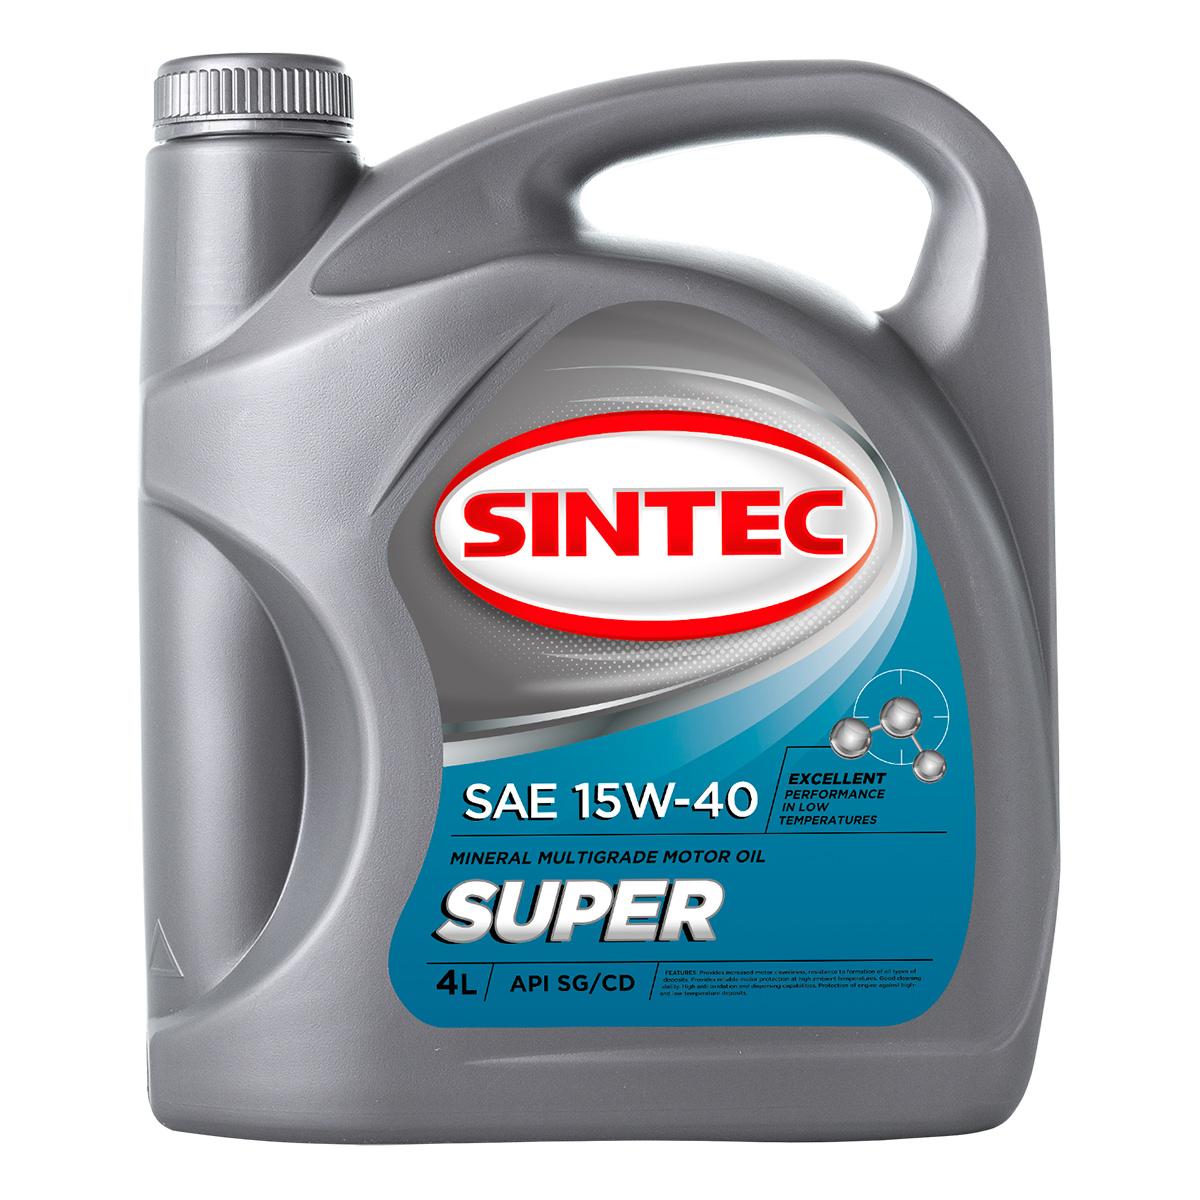 SINTEC SUPER SAE 15W-40 API SG/CD